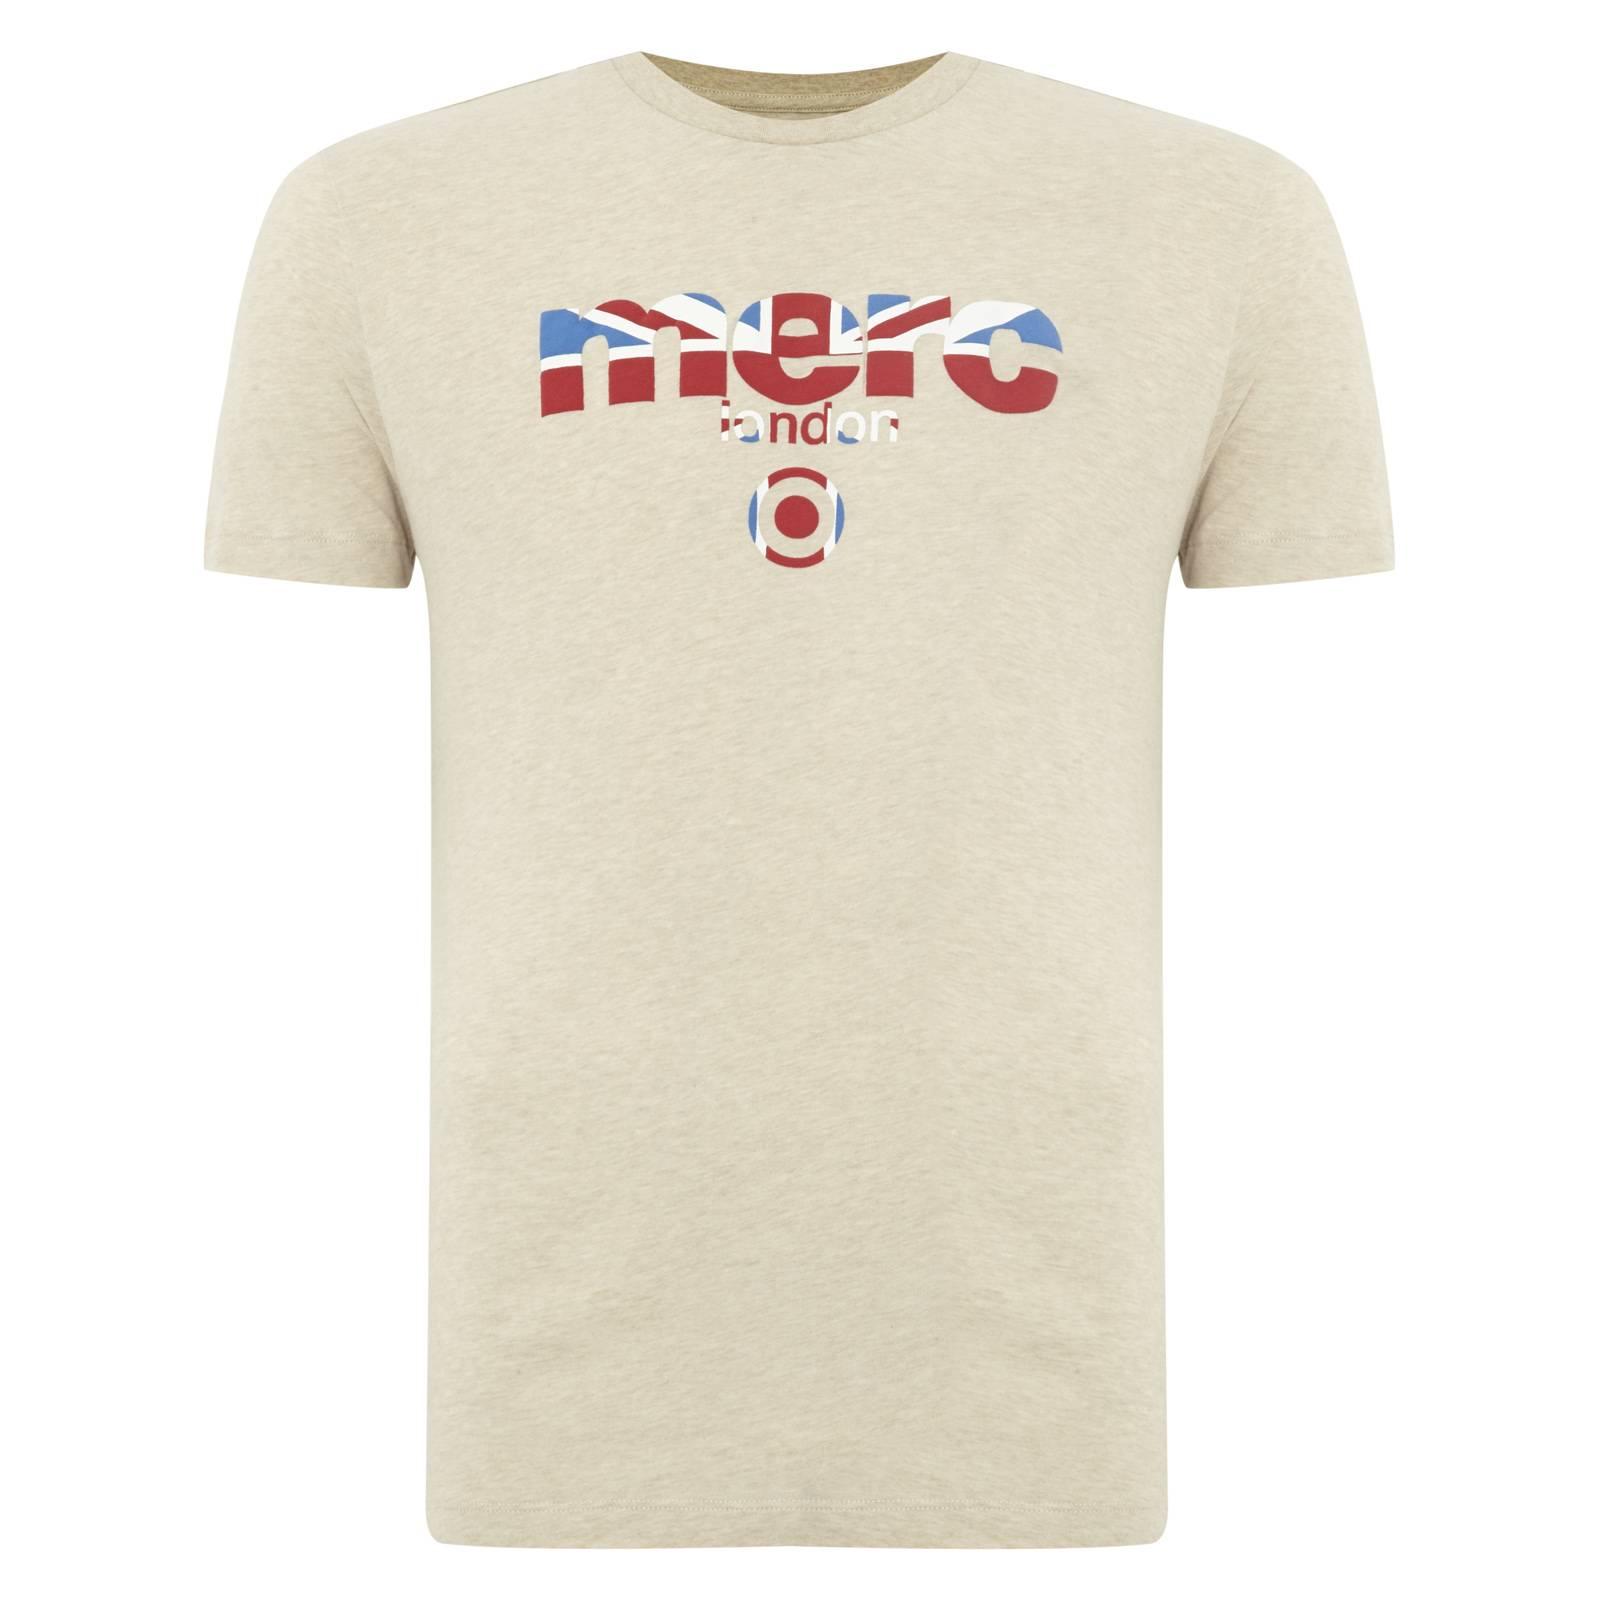 Футболка BroadwellCORE<br>Яркая футболка всесезонной базовой линии &amp;amp;quot;Core&amp;amp;quot; с классическим логотипом Merc, украшенным Union Jack. Высокое качество нанесения принта исключает его облезание в результате стирок. Трехцветный Британский флаг позволяет легко комбинировать эту футболку со множеством вариантов джинсов, шорт, обуви и брюк в различных цветовых решениях. Отлично сочетается с олимпийками, кардиганами и верхней одеждой. Произведено в Европейском Союзе<br><br>Артикул: 1709210<br>Материал: 100% хлопок<br>Цвет: бежевый<br>Пол: Мужской